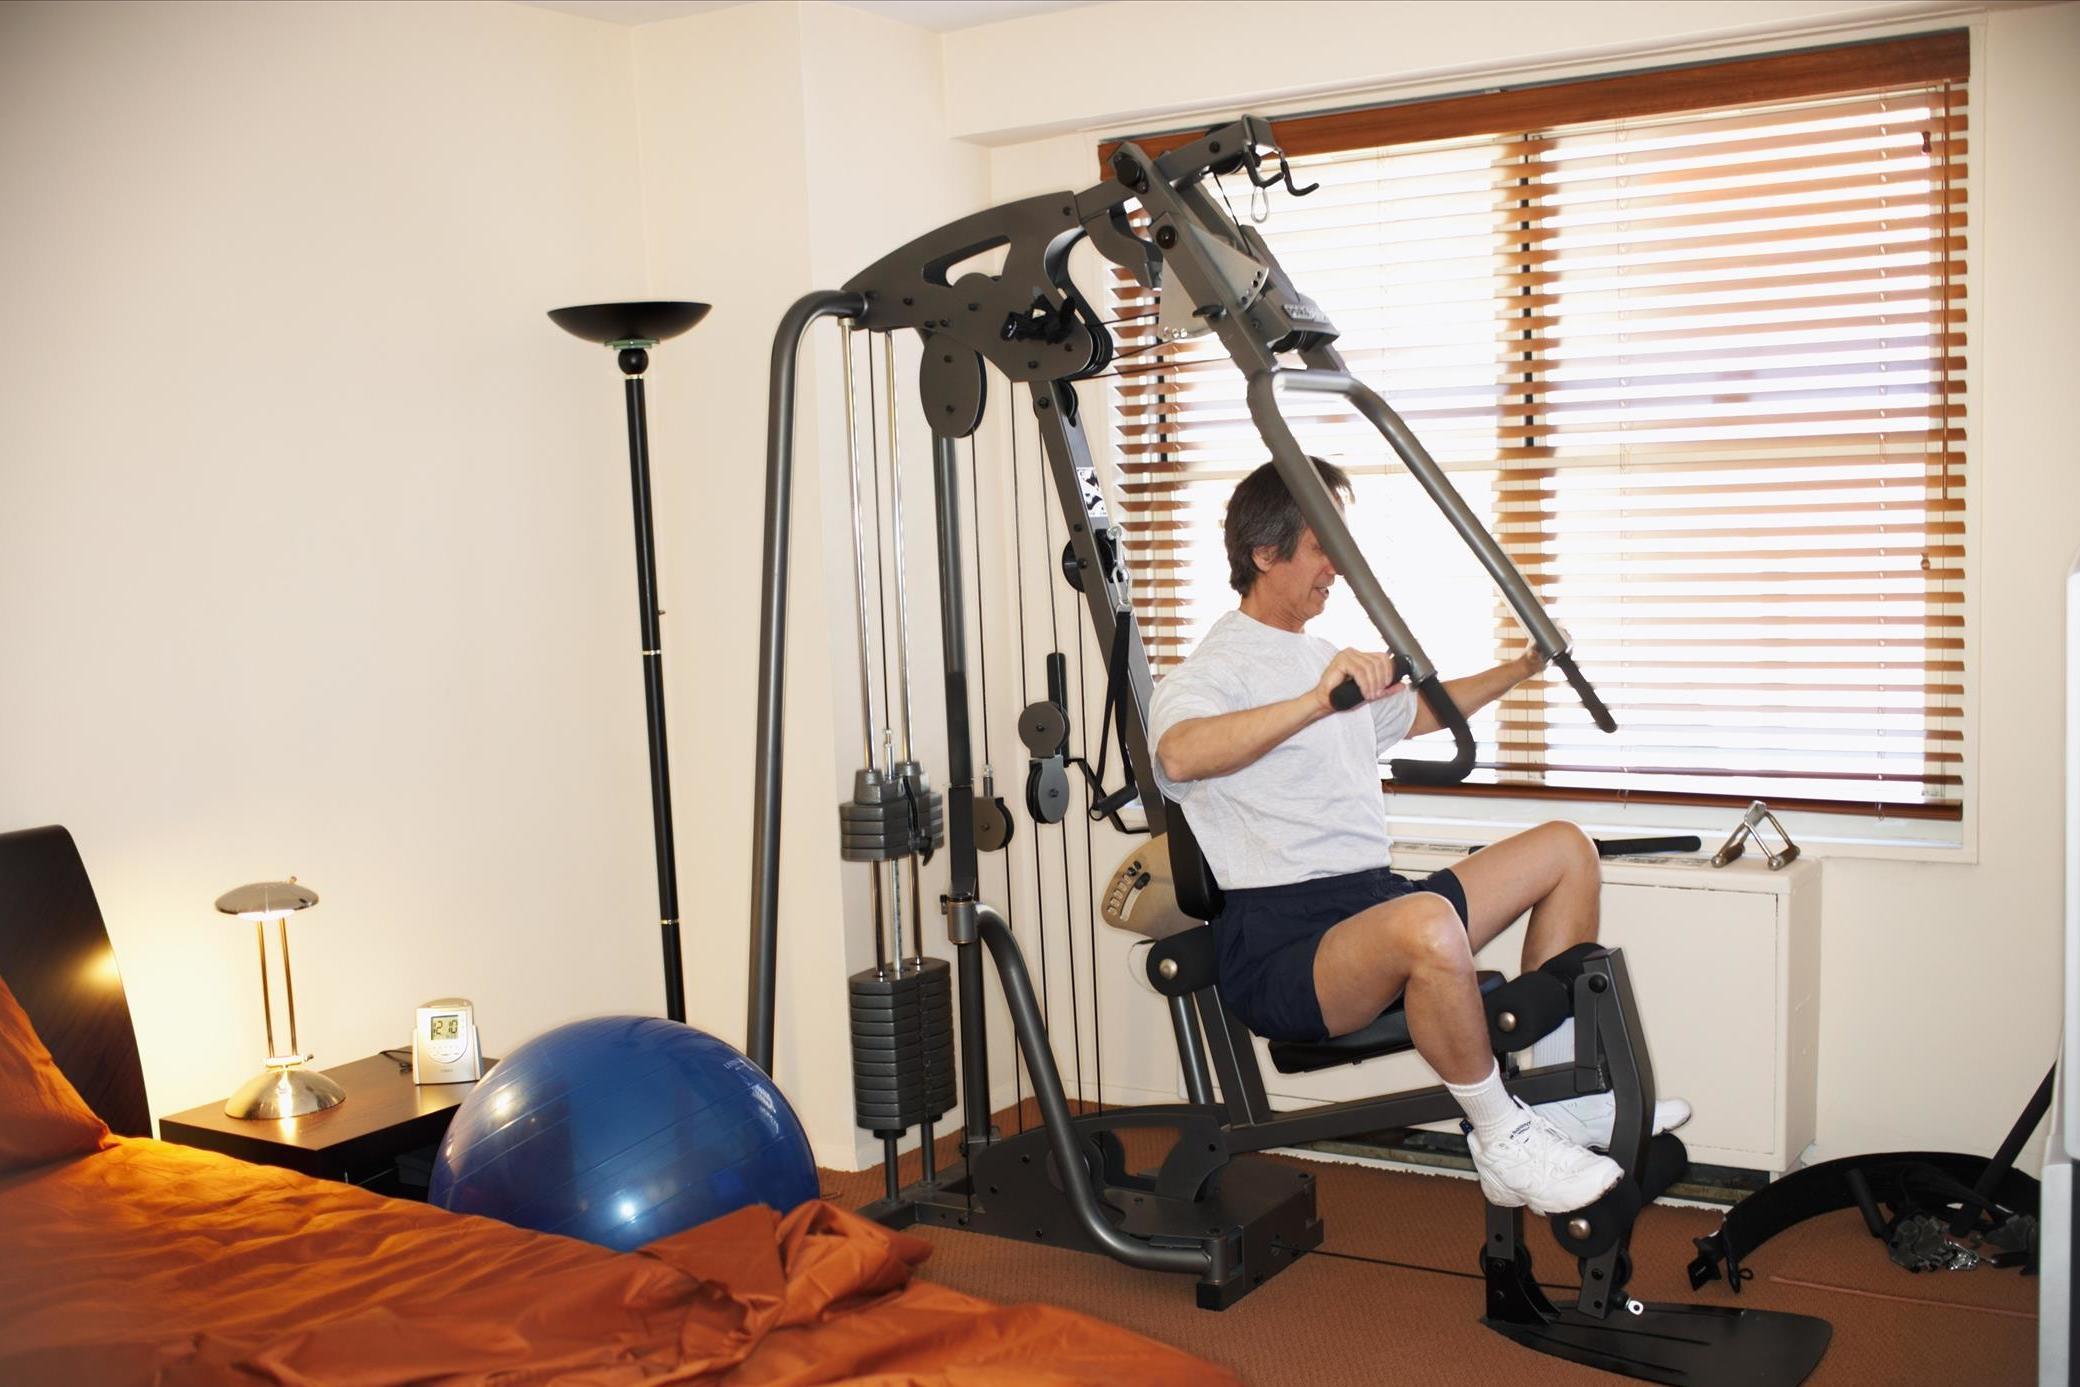 增添实用的健身器材,在家也可以健身!18